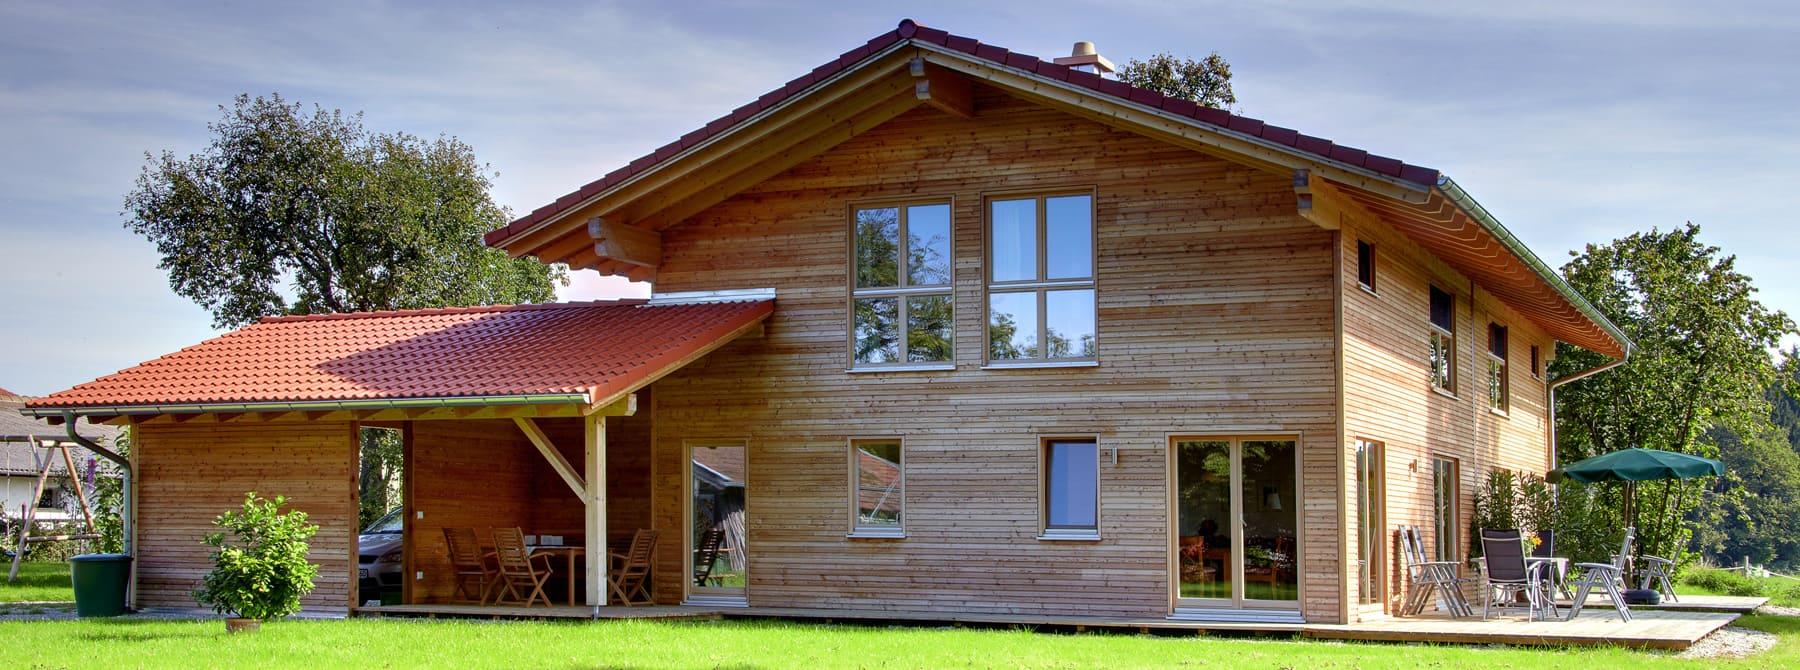 kundenhaus schiefer ein landhaus von bauen sie ihr holzhaus passivhaus. Black Bedroom Furniture Sets. Home Design Ideas